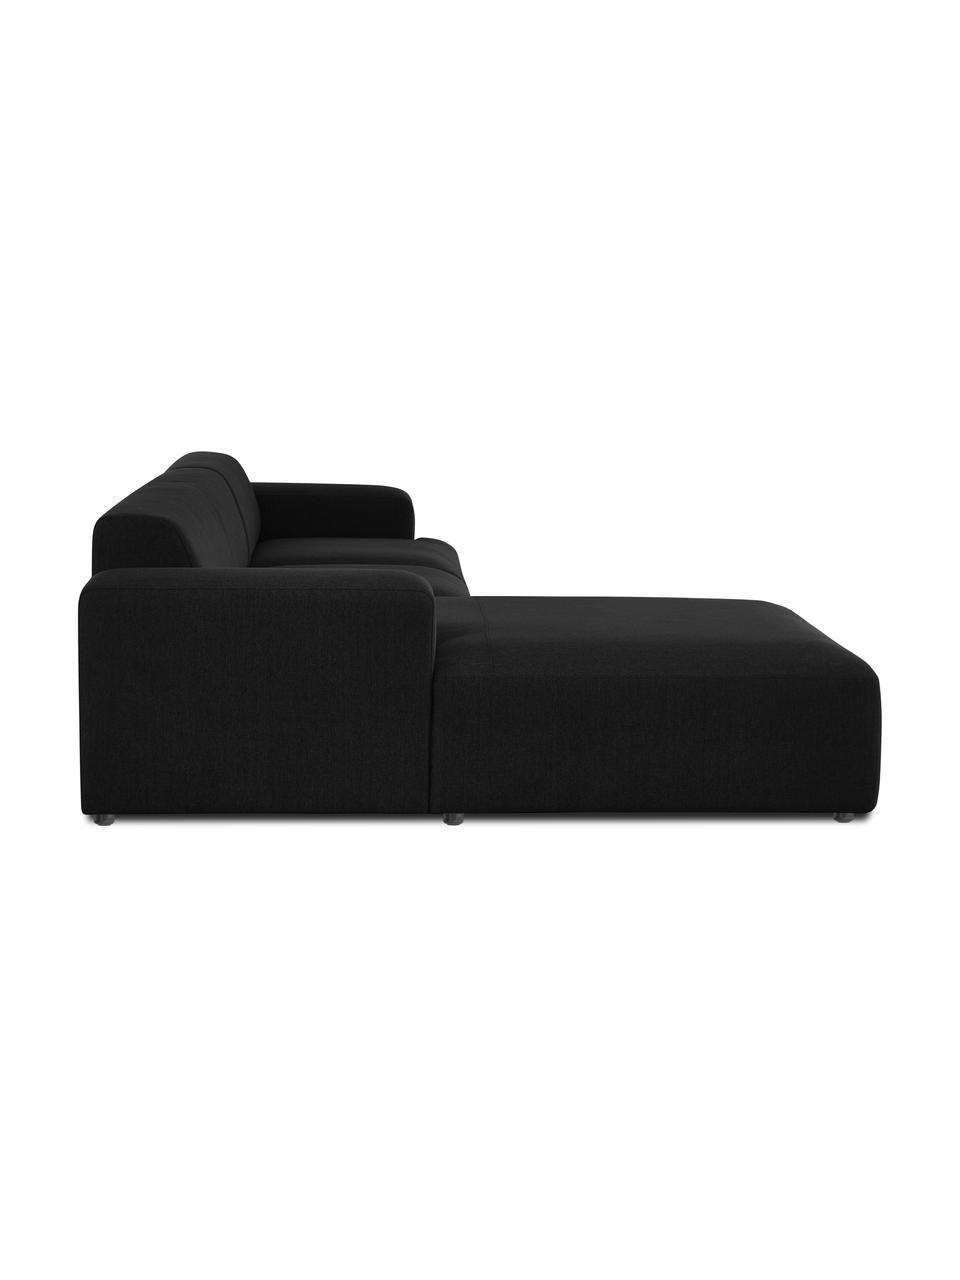 Hoekbank Melva (4-zits) in zwart, Bekleding: 100% polyester De bekledi, Frame: massief grenenhout, FSC-g, Poten: kunststof, Geweven stof zwart, B 319 x D 196 cm